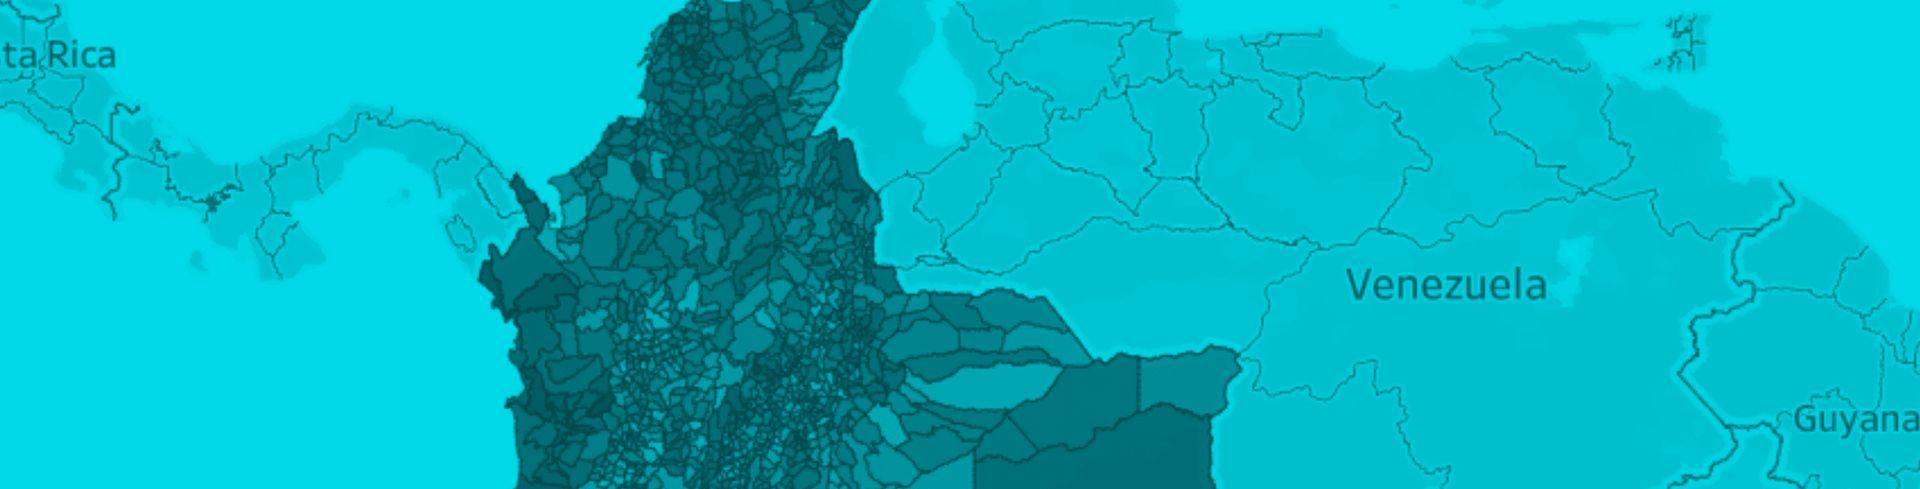 Curso Herramientas básicas de cartografía y sistemas de información geográfica